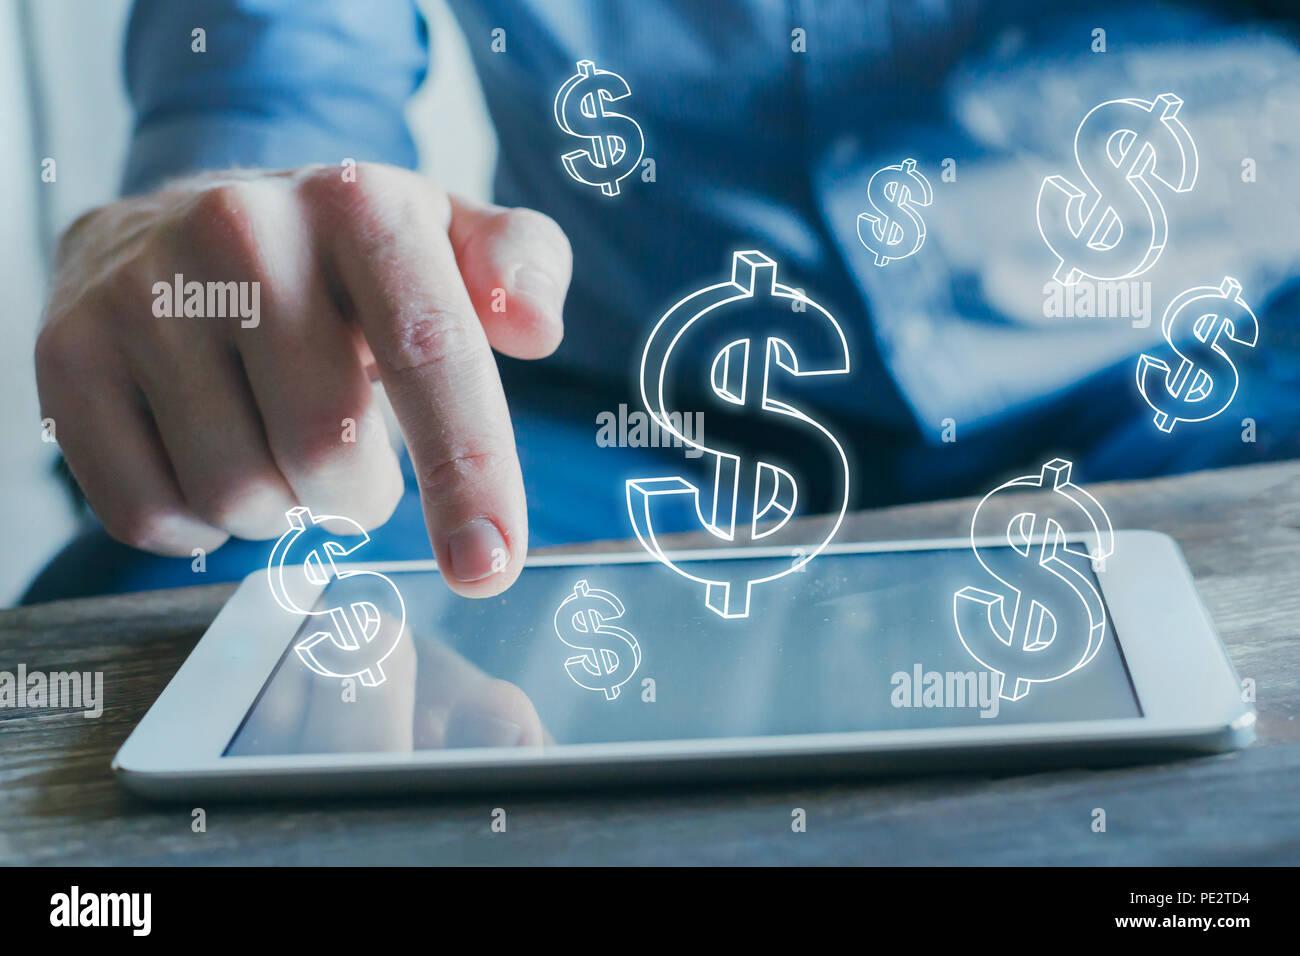 Concetto finanziario, online i profitti, e-business, guadagnare denaro su internet, l'e-commerce Immagini Stock